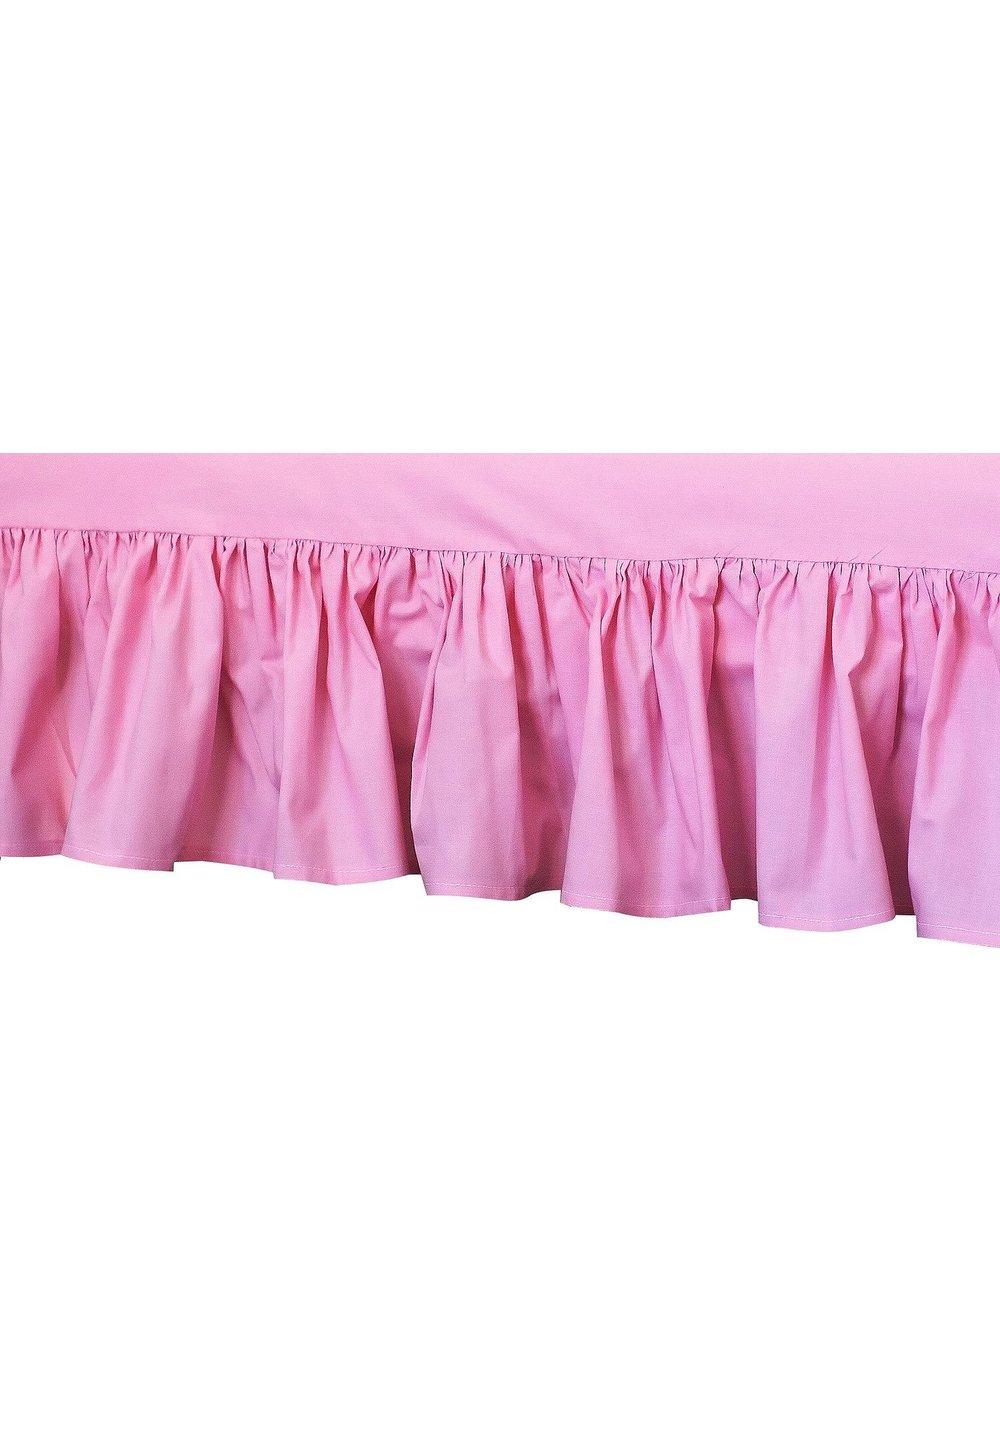 Cearceaf patut cu volanas, roz, 120x60 cm imagine